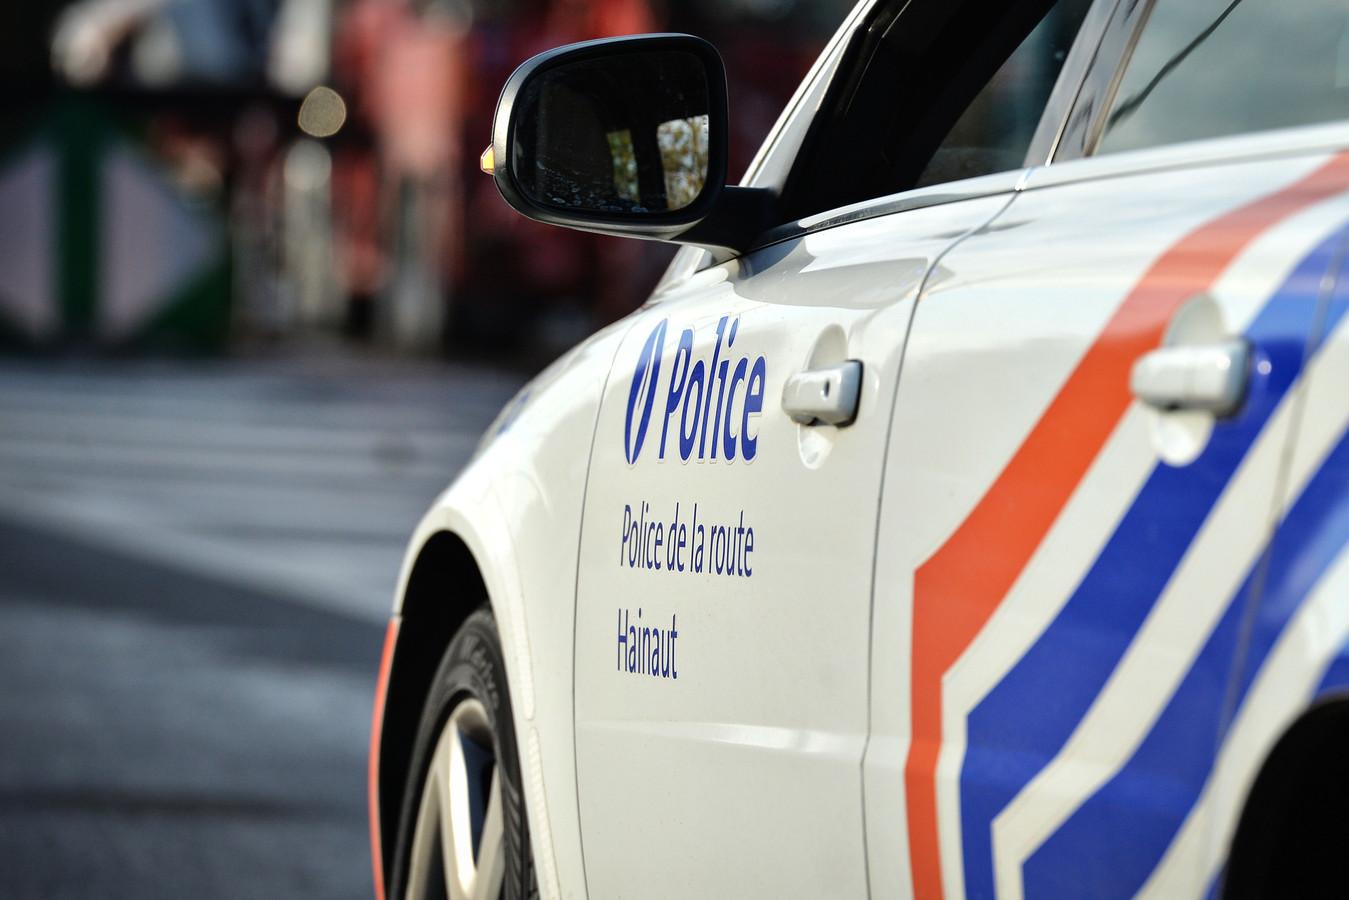 La police de la route a repéré et intercepté le véhicule signalé (image d'archive)